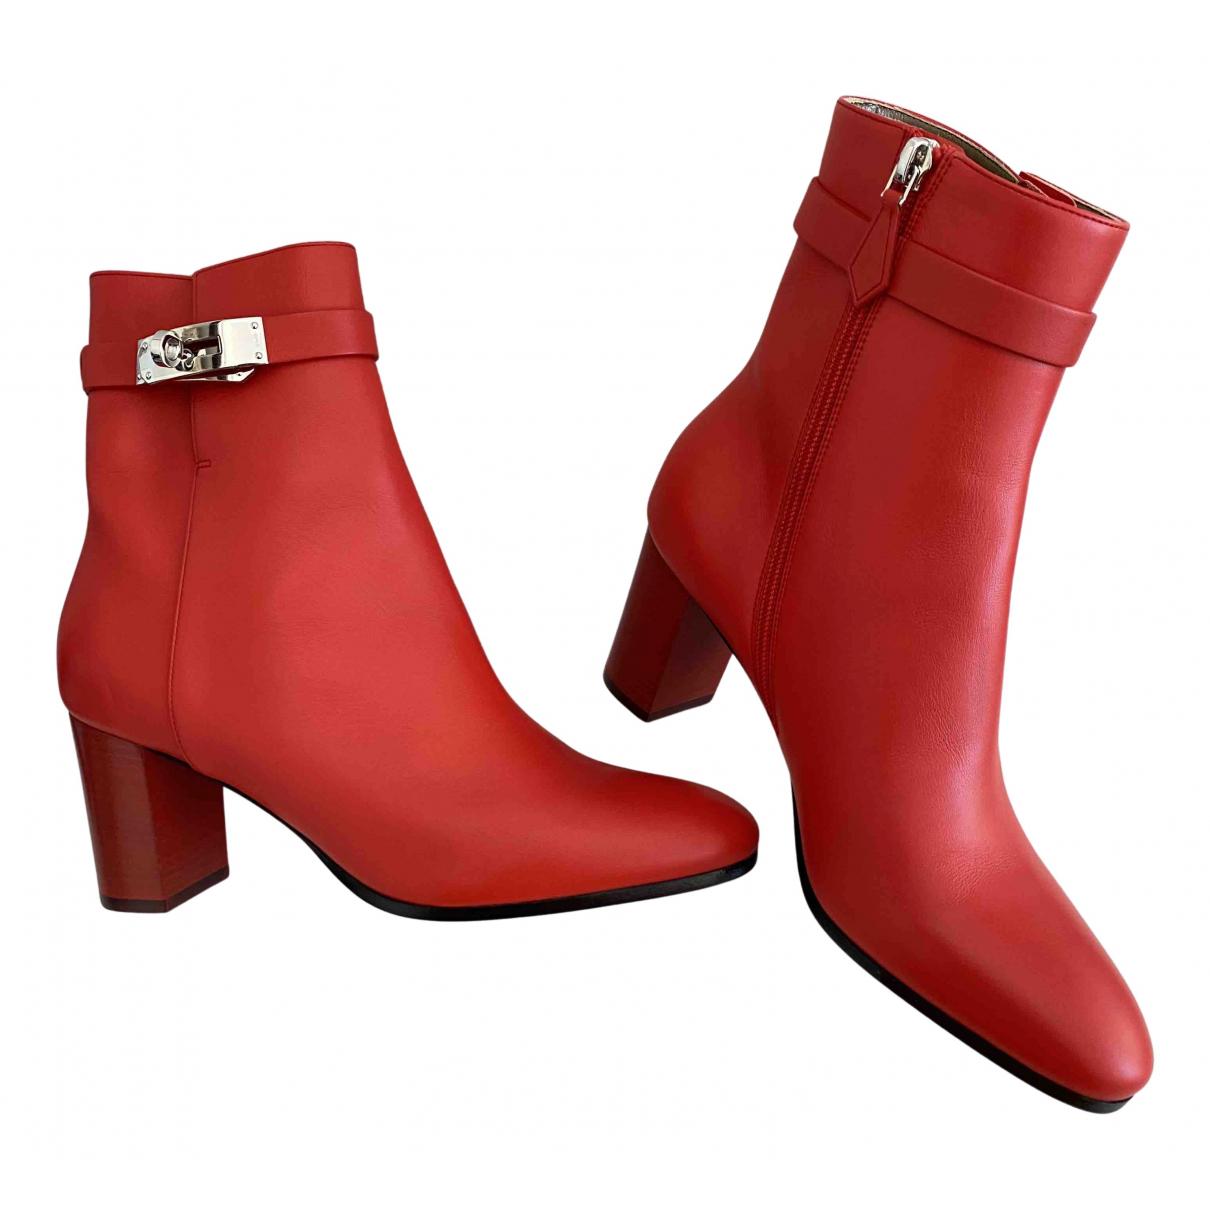 Hermes - Boots   pour femme en cuir - rouge